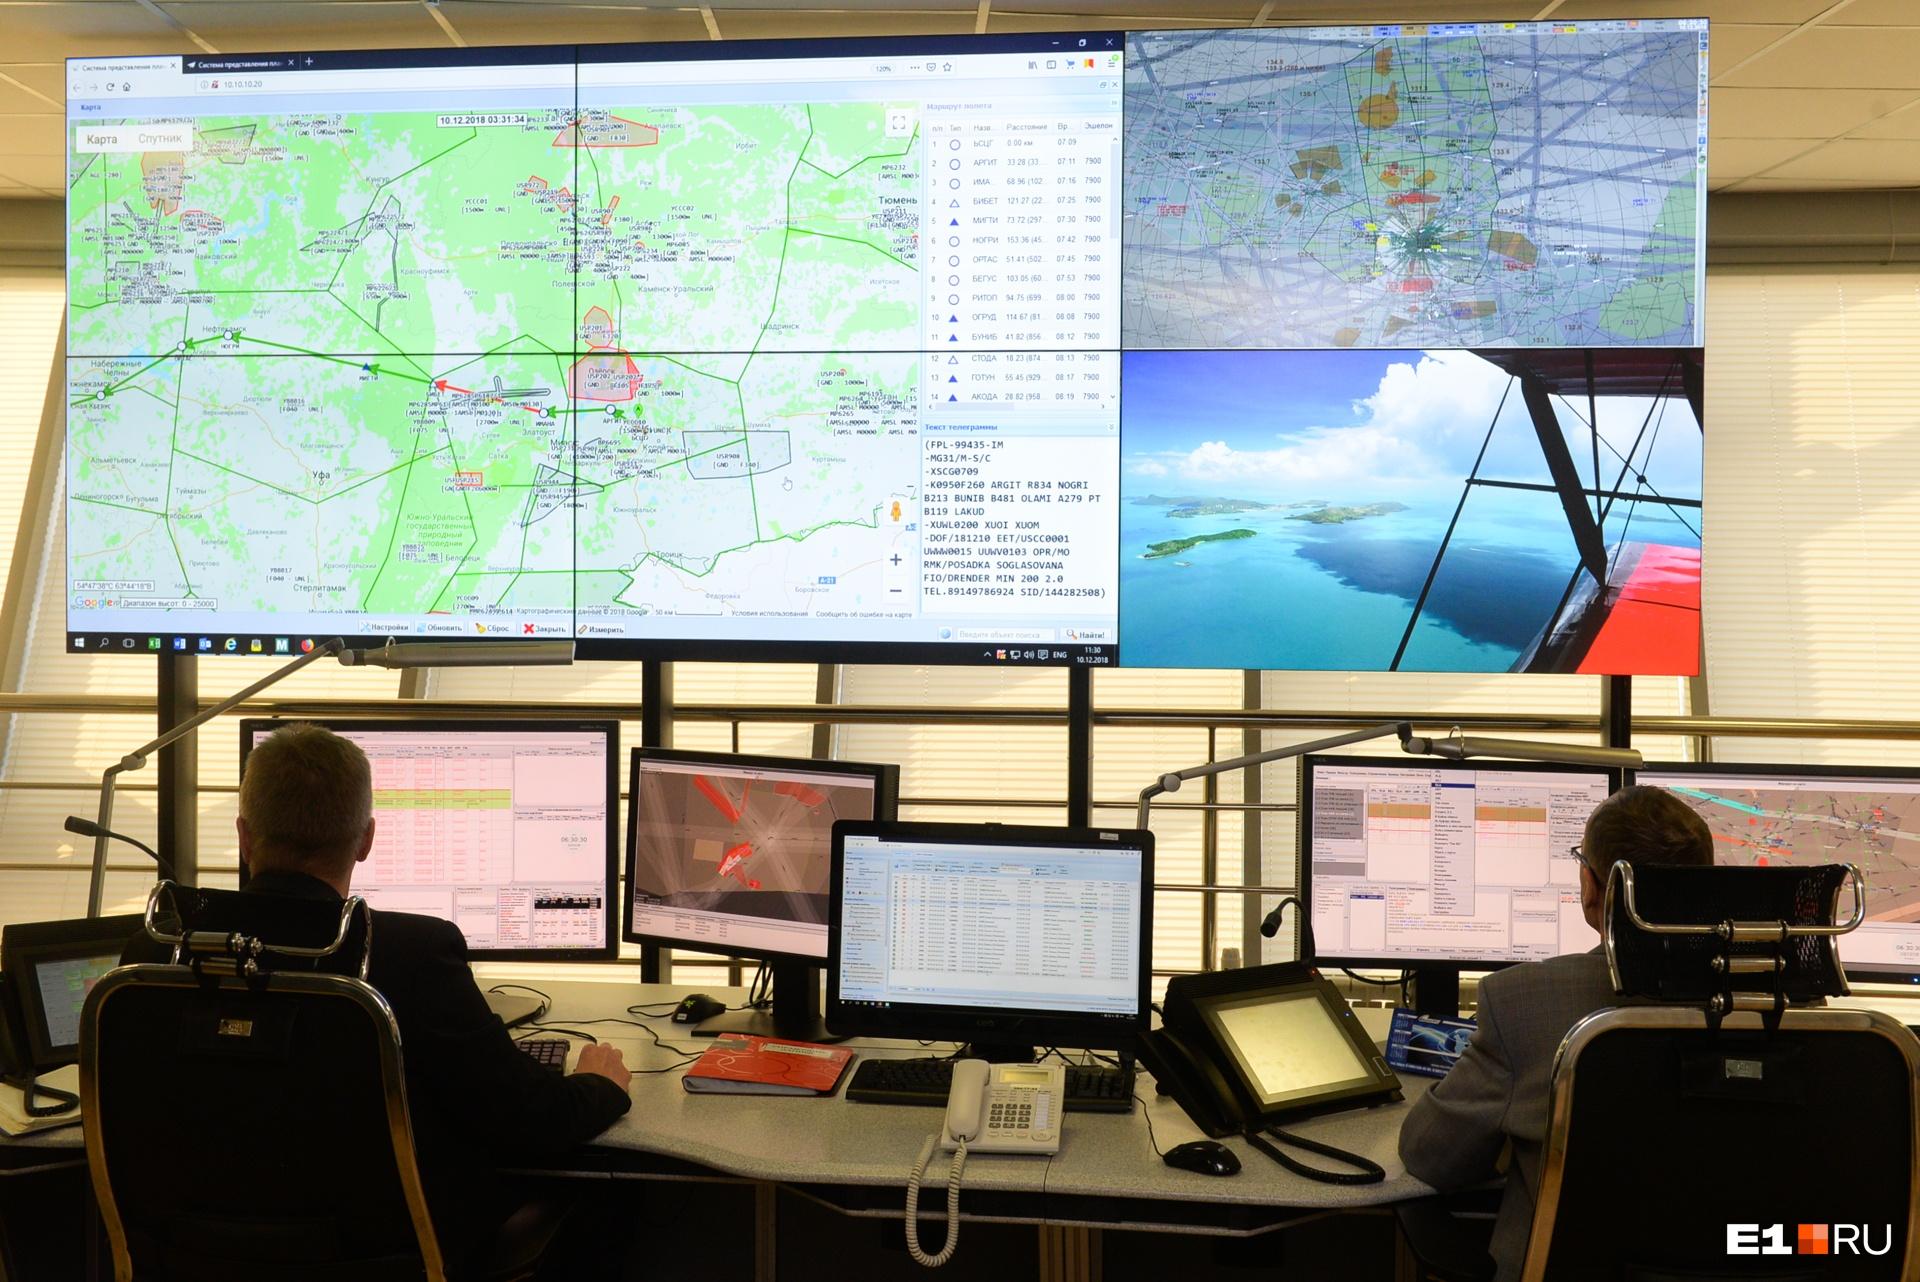 Каждый диспетчер обслуживает в год около 400 тысяч полётов